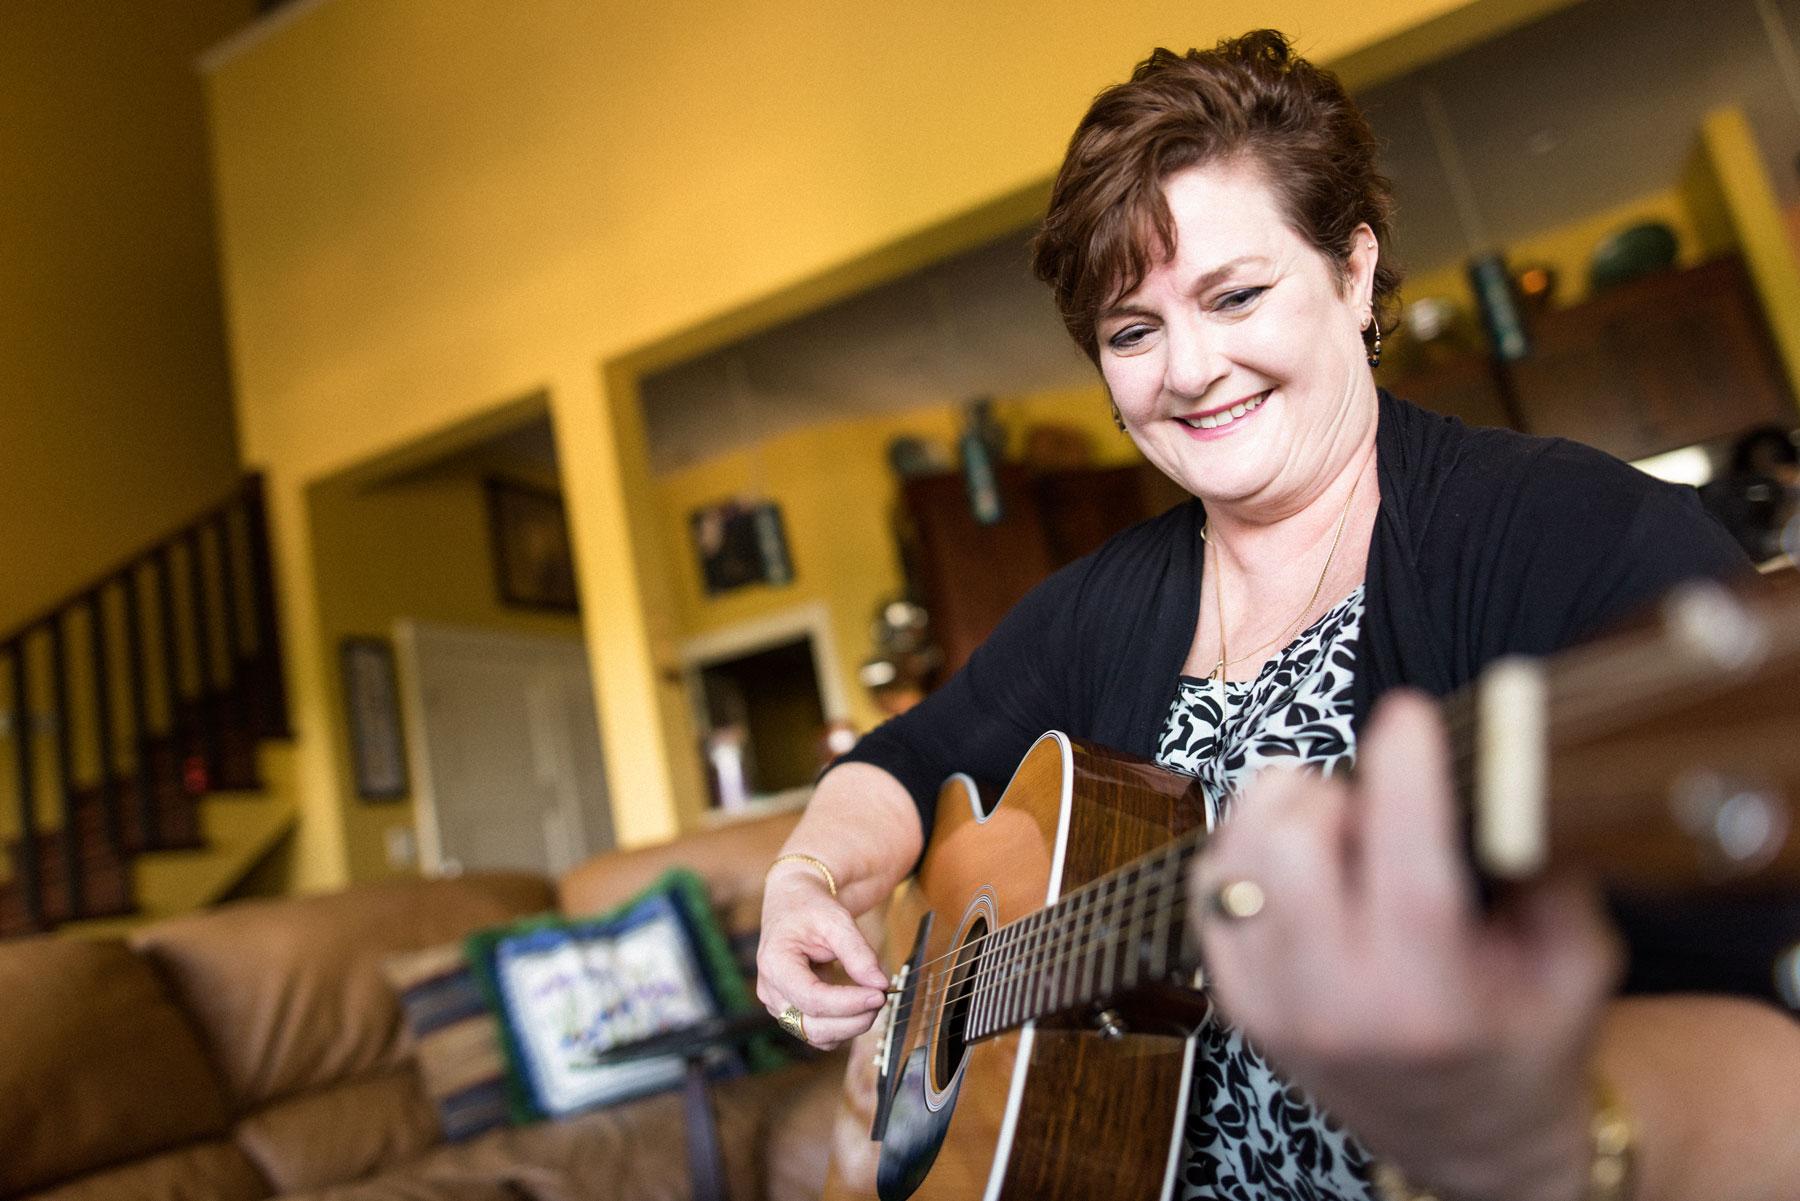 Teresa plays guitar in her living room.